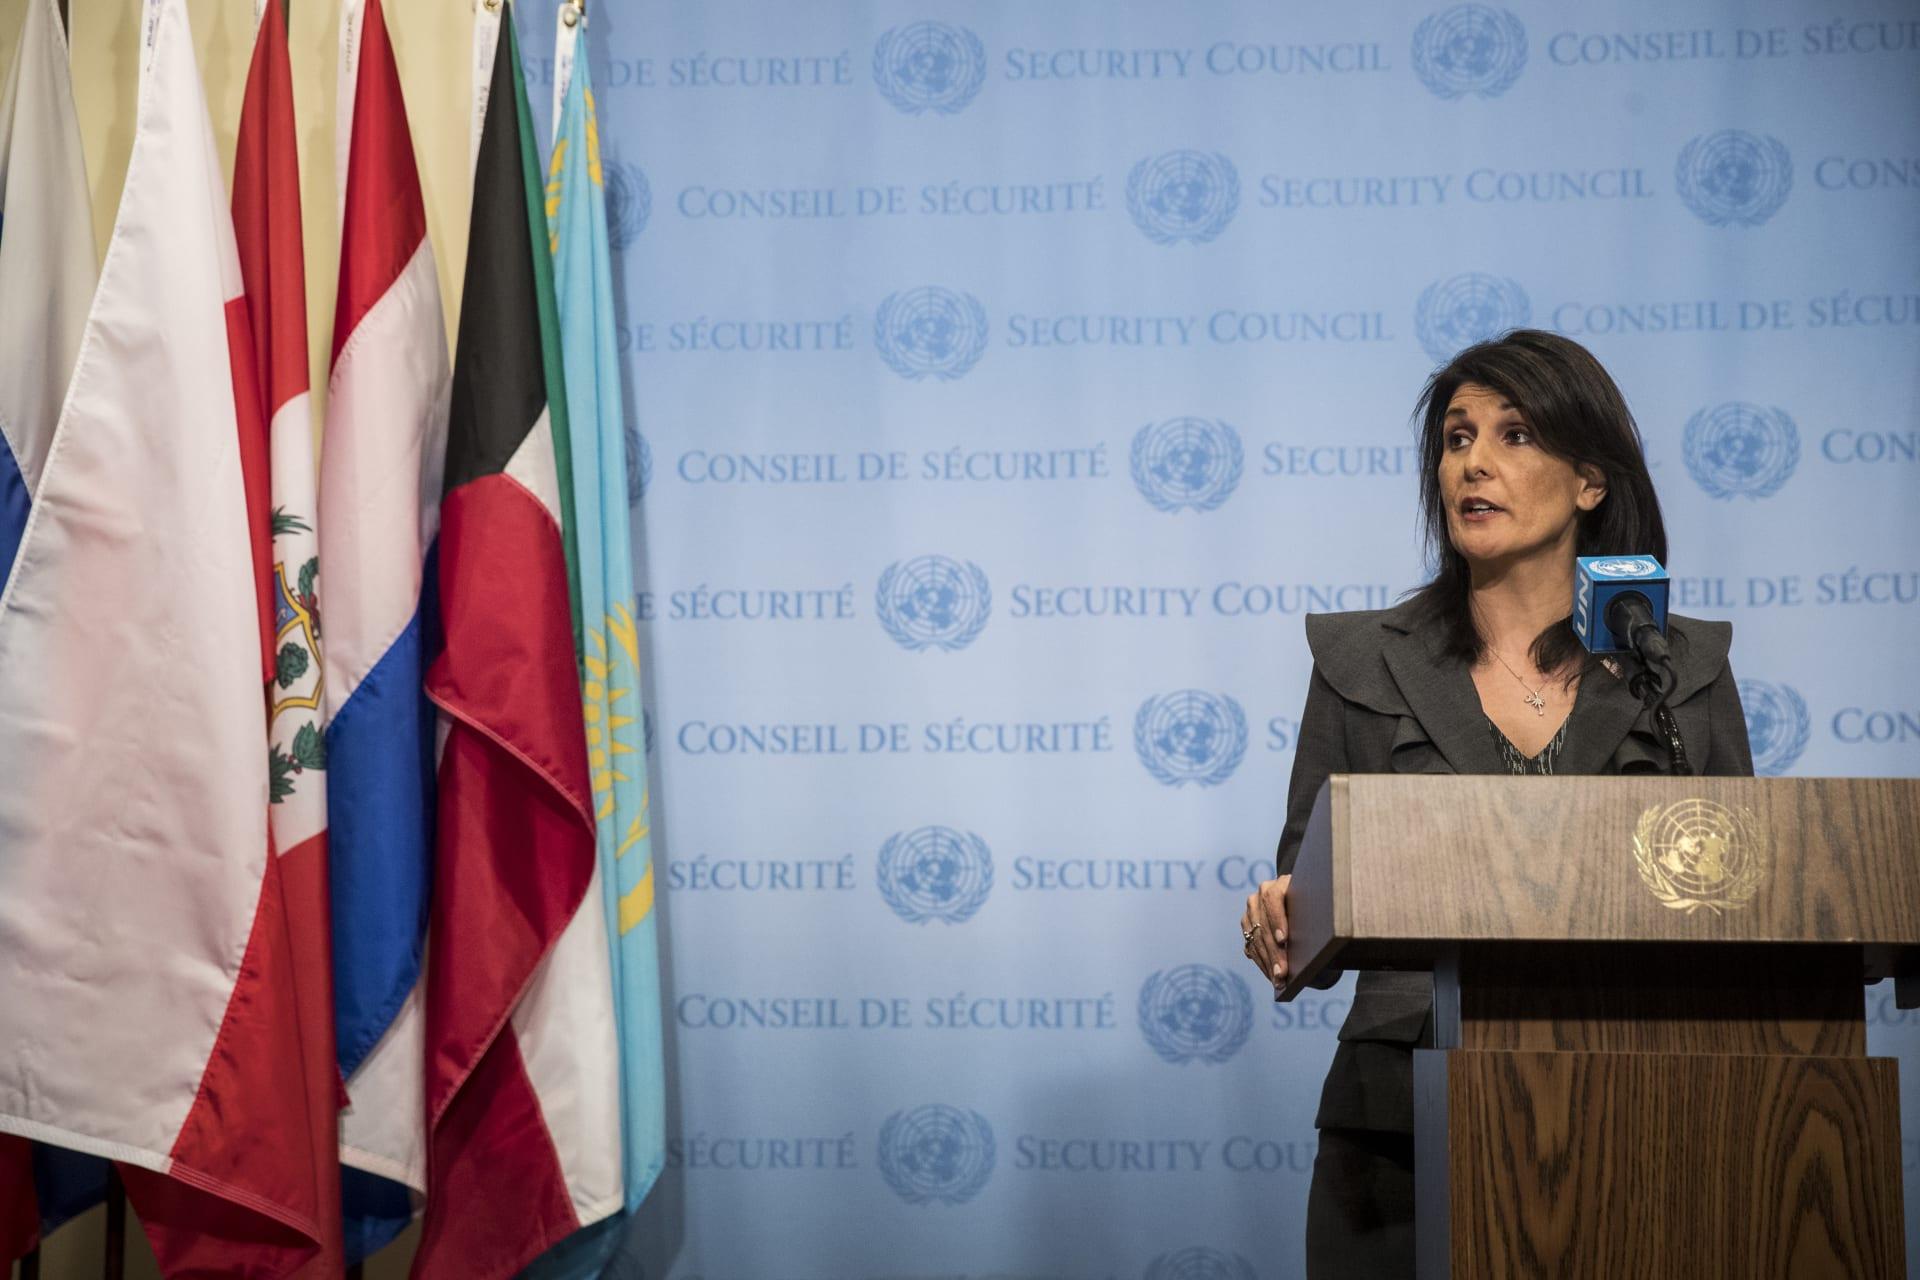 """السفيرة الأمريكية بالأمم المتحدة تحيي """"شجاعة الشعب الإيراني"""".. والبيت الأبيض: """"ستنتهي الاحتجاجات بانتهاء رعاية إيران للإرهاب"""""""